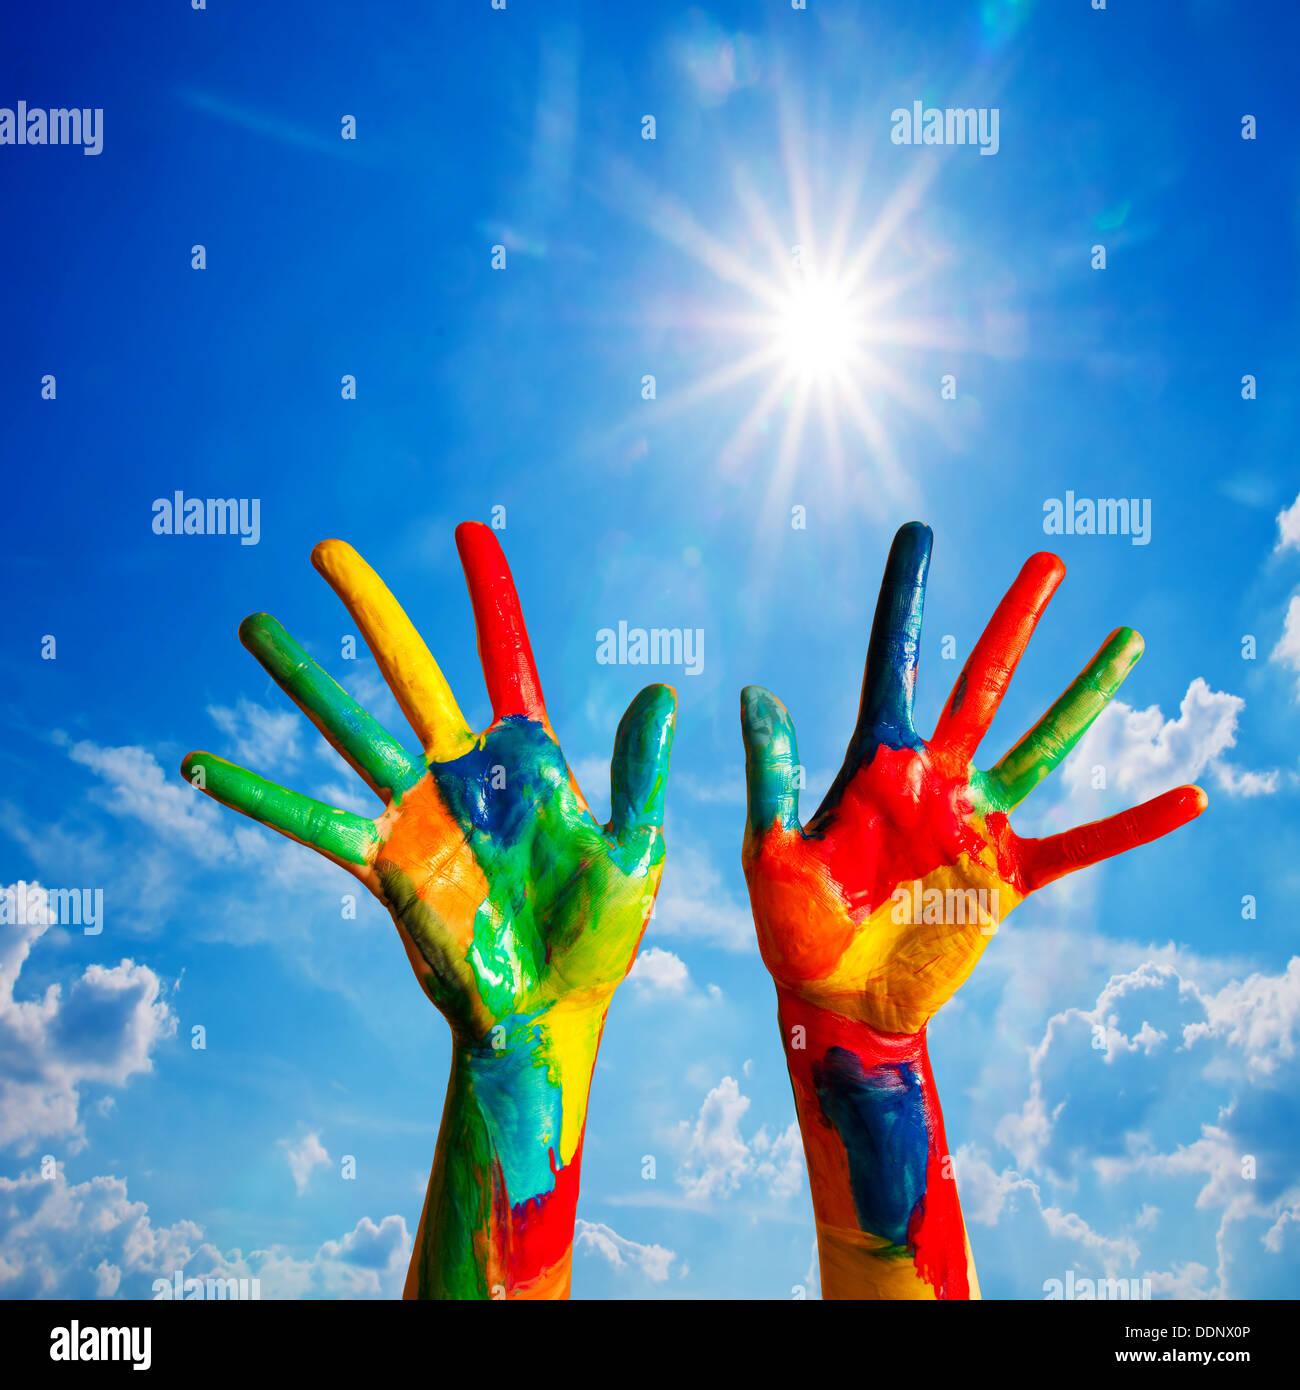 Manos pintadas, Colorido diversión - creatividad / felicidad / concepto de diversidad. Imagen De Stock